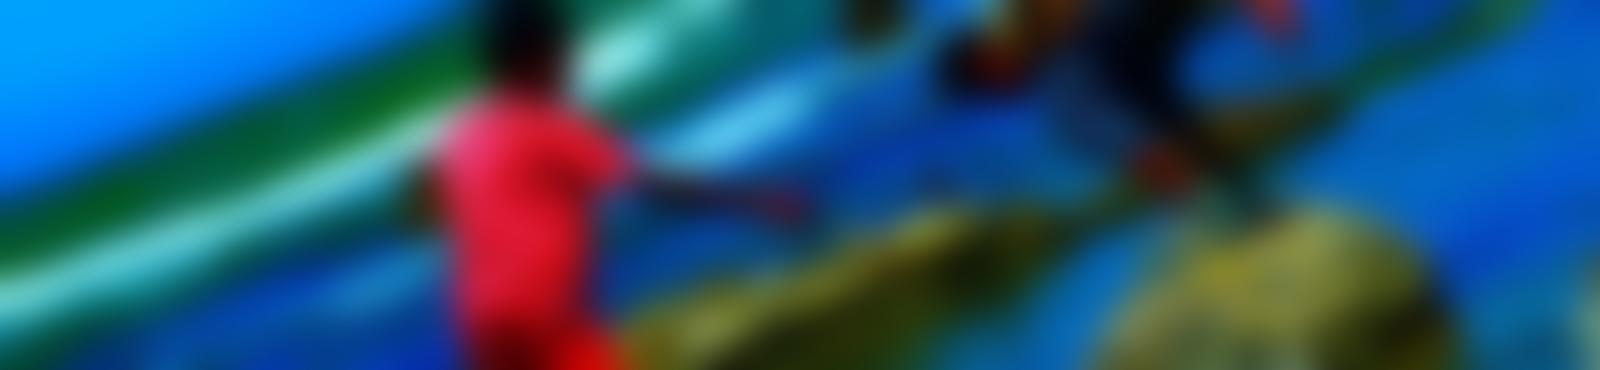 Blurred 48e281e5 e155 43c7 a12f 71a52898a1c4